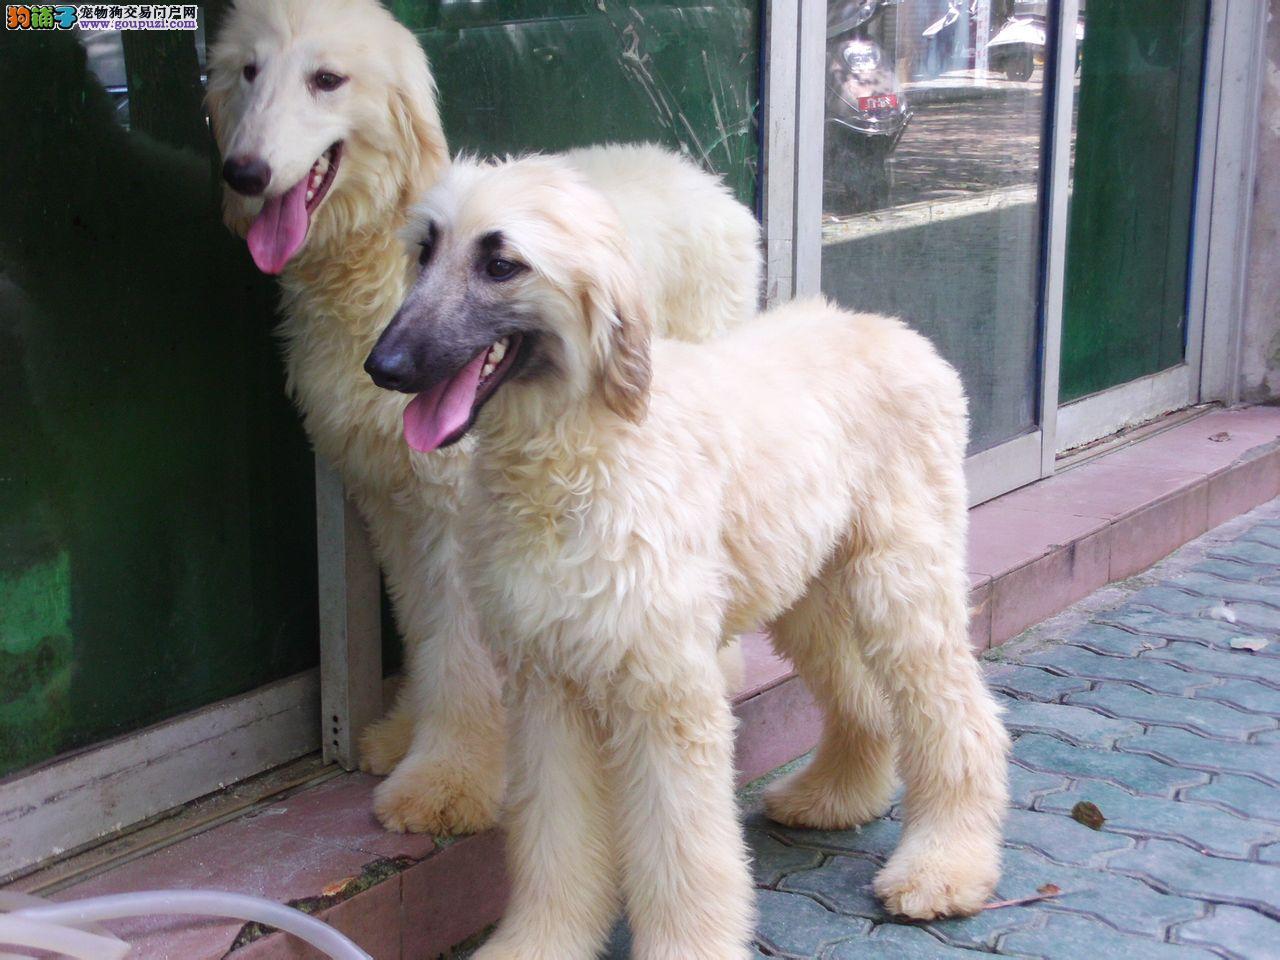 国际注册犬舍 出售极品赛级阿富汗猎犬幼犬优质售后服务